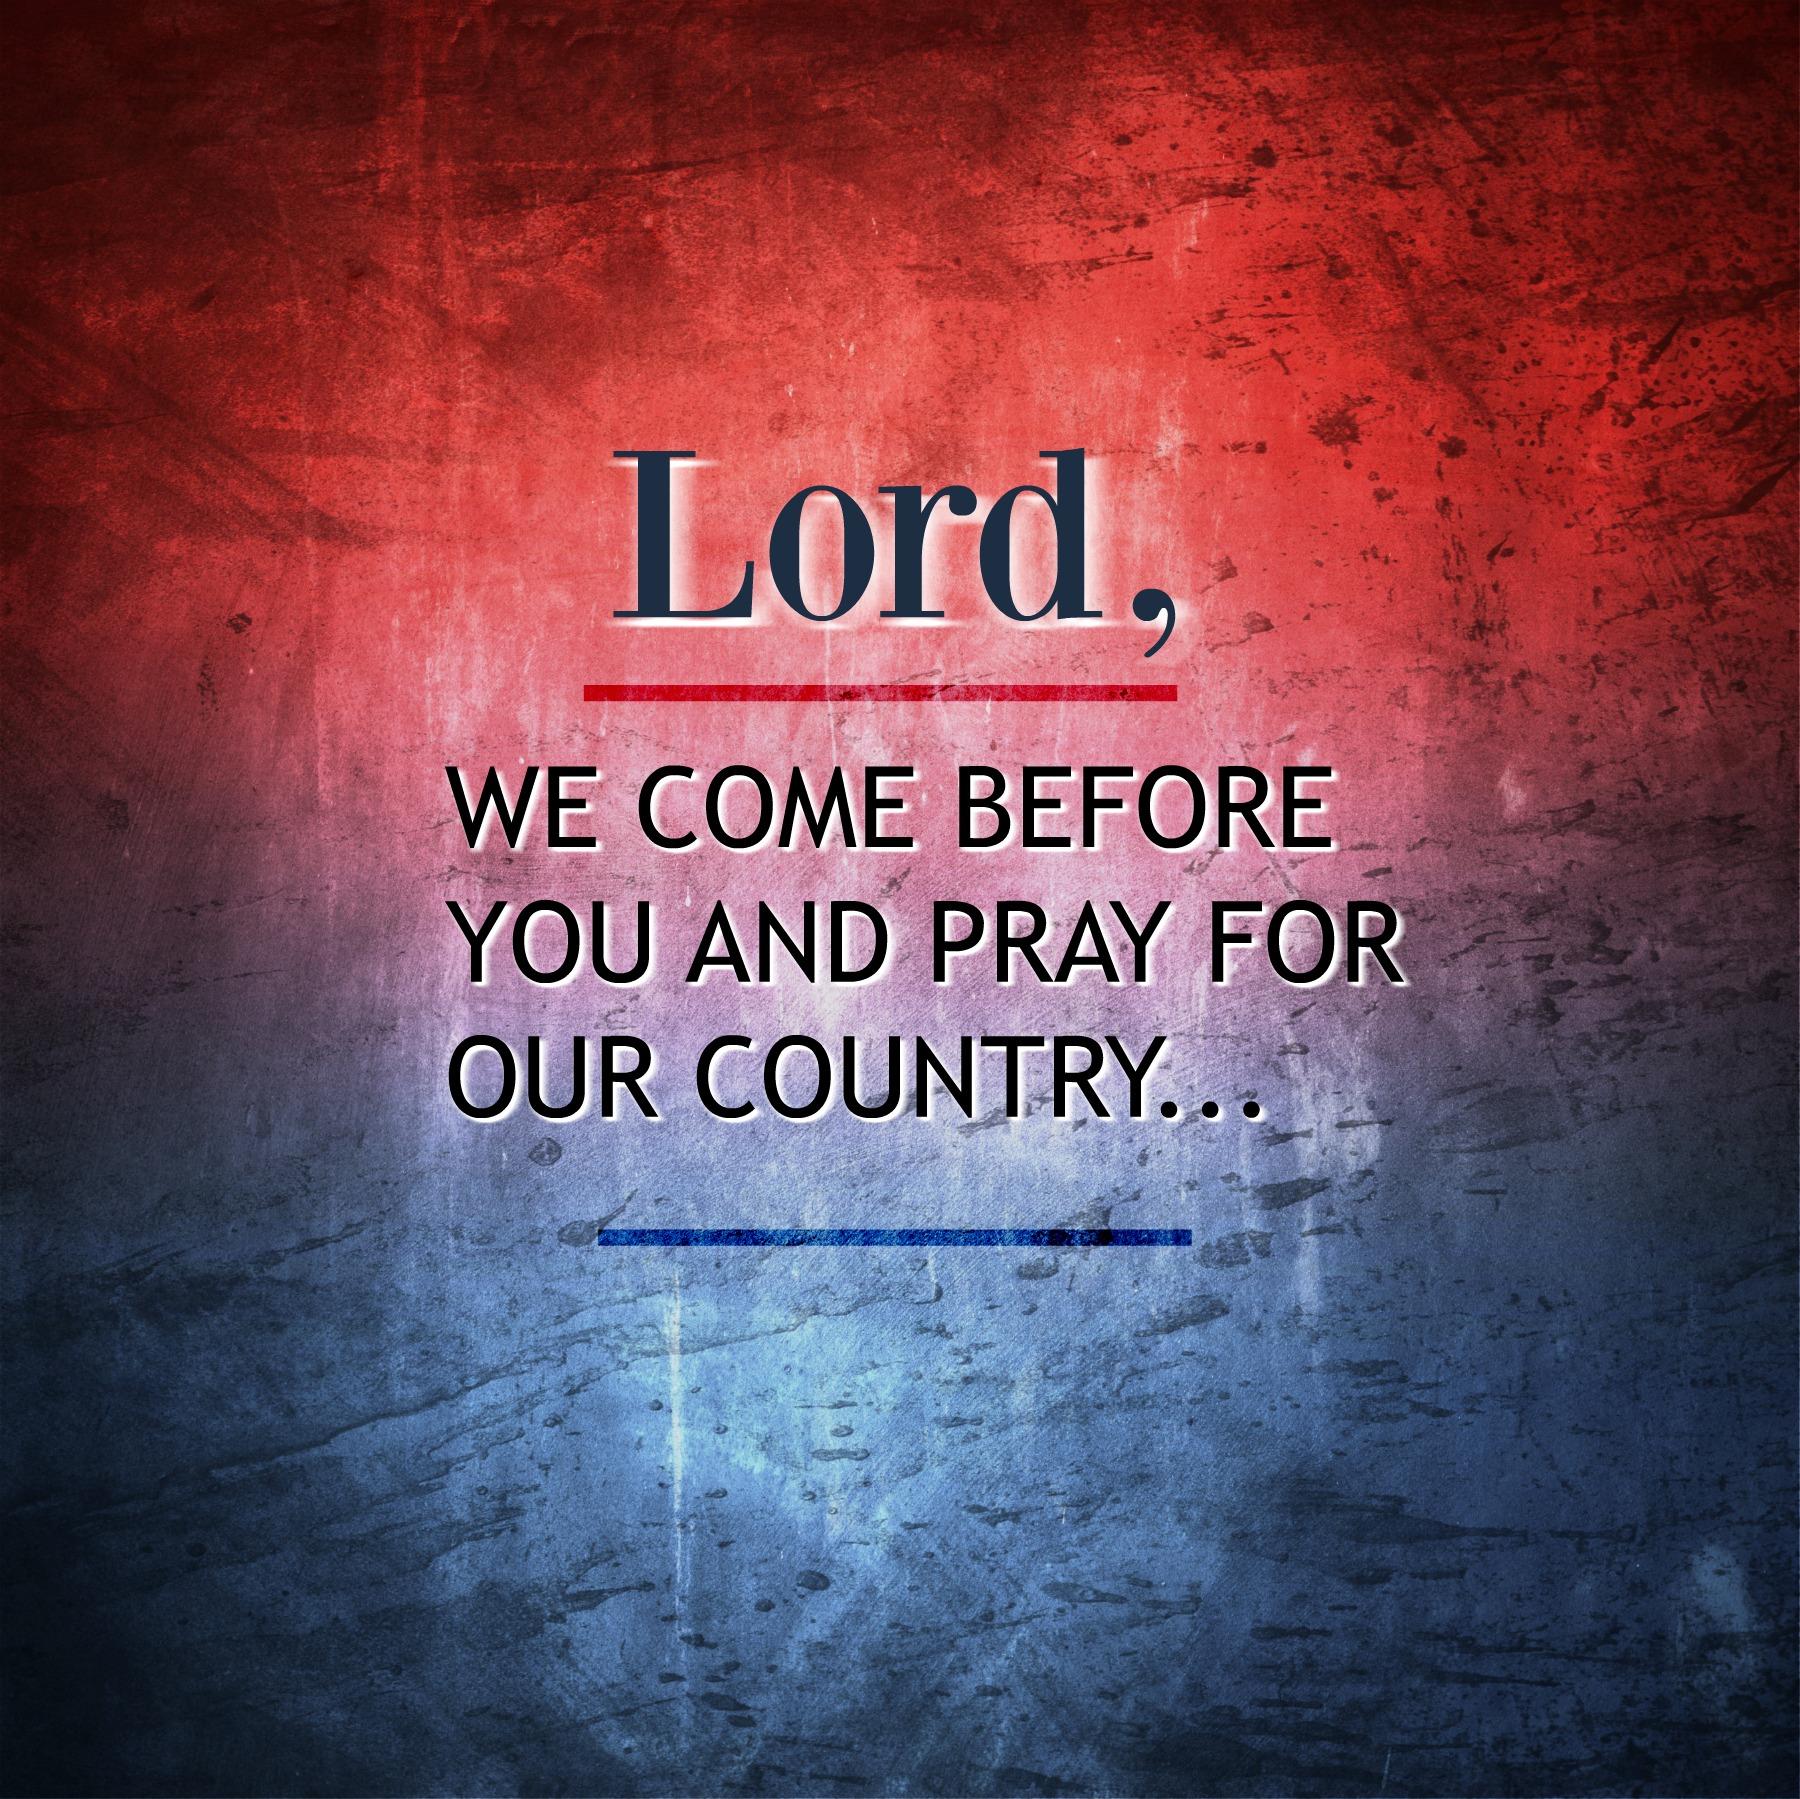 A President's Day Prayer